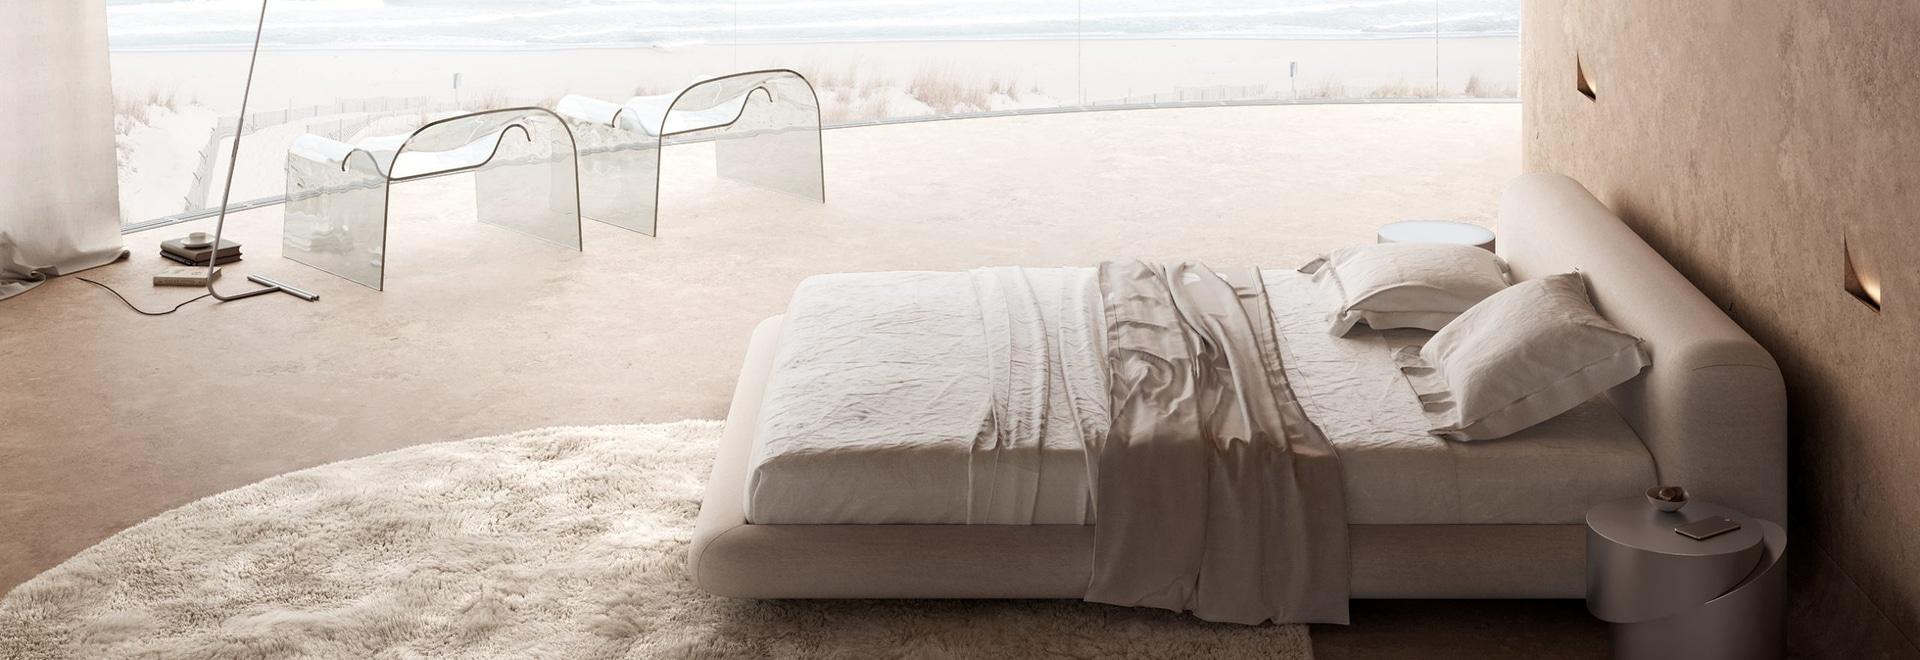 Diseño del concepto del Hotel en la Playa para Odessa, Ucrania.